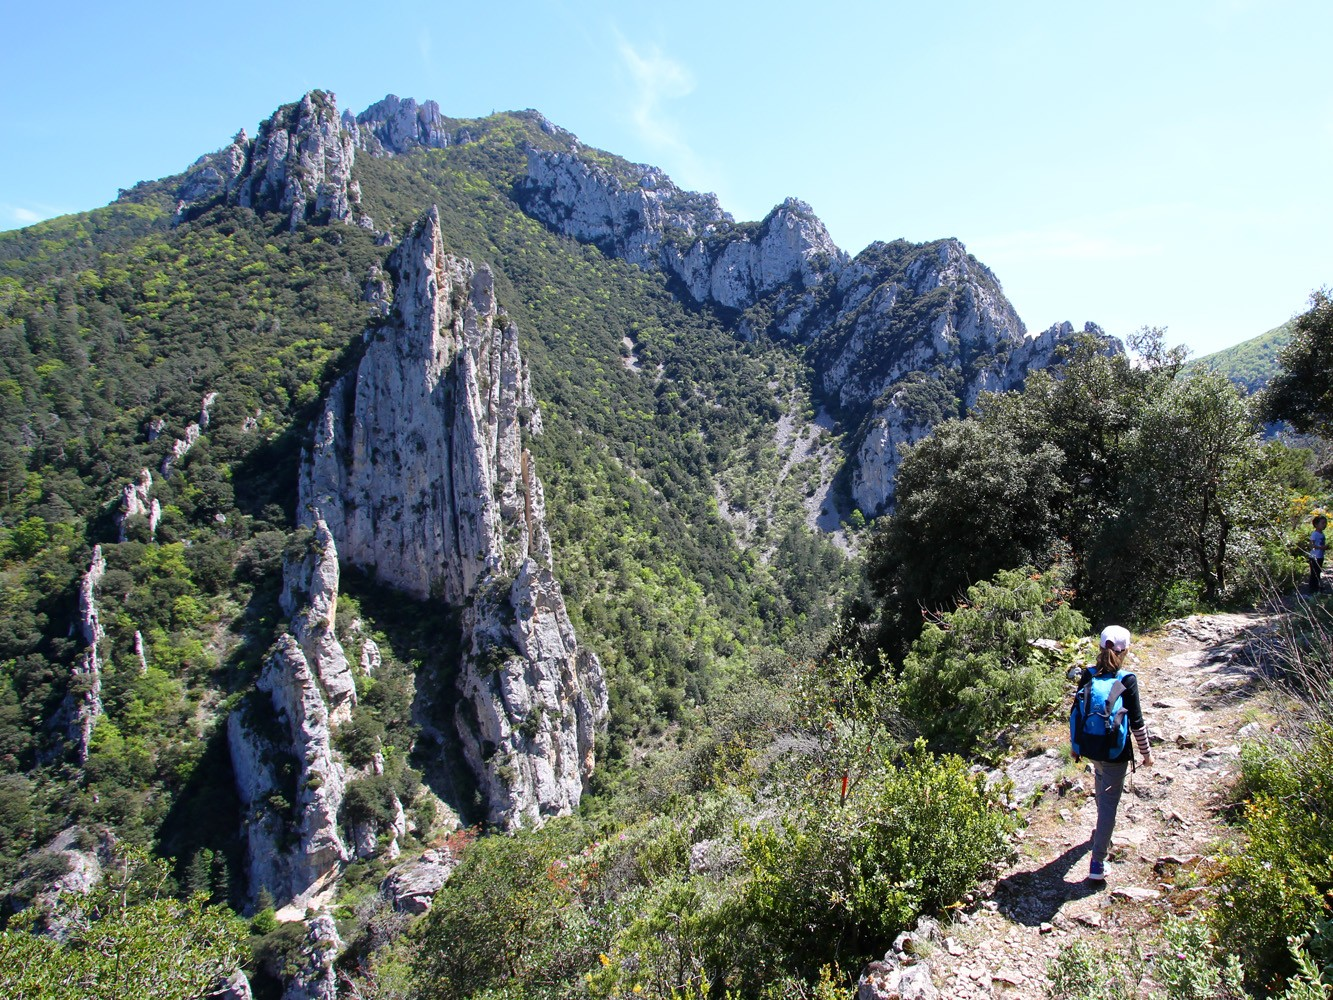 La randonnée du belvédère du diable, dans les gorges de la Pierre Lys© S. Dossin, OT Pyrénées audoises